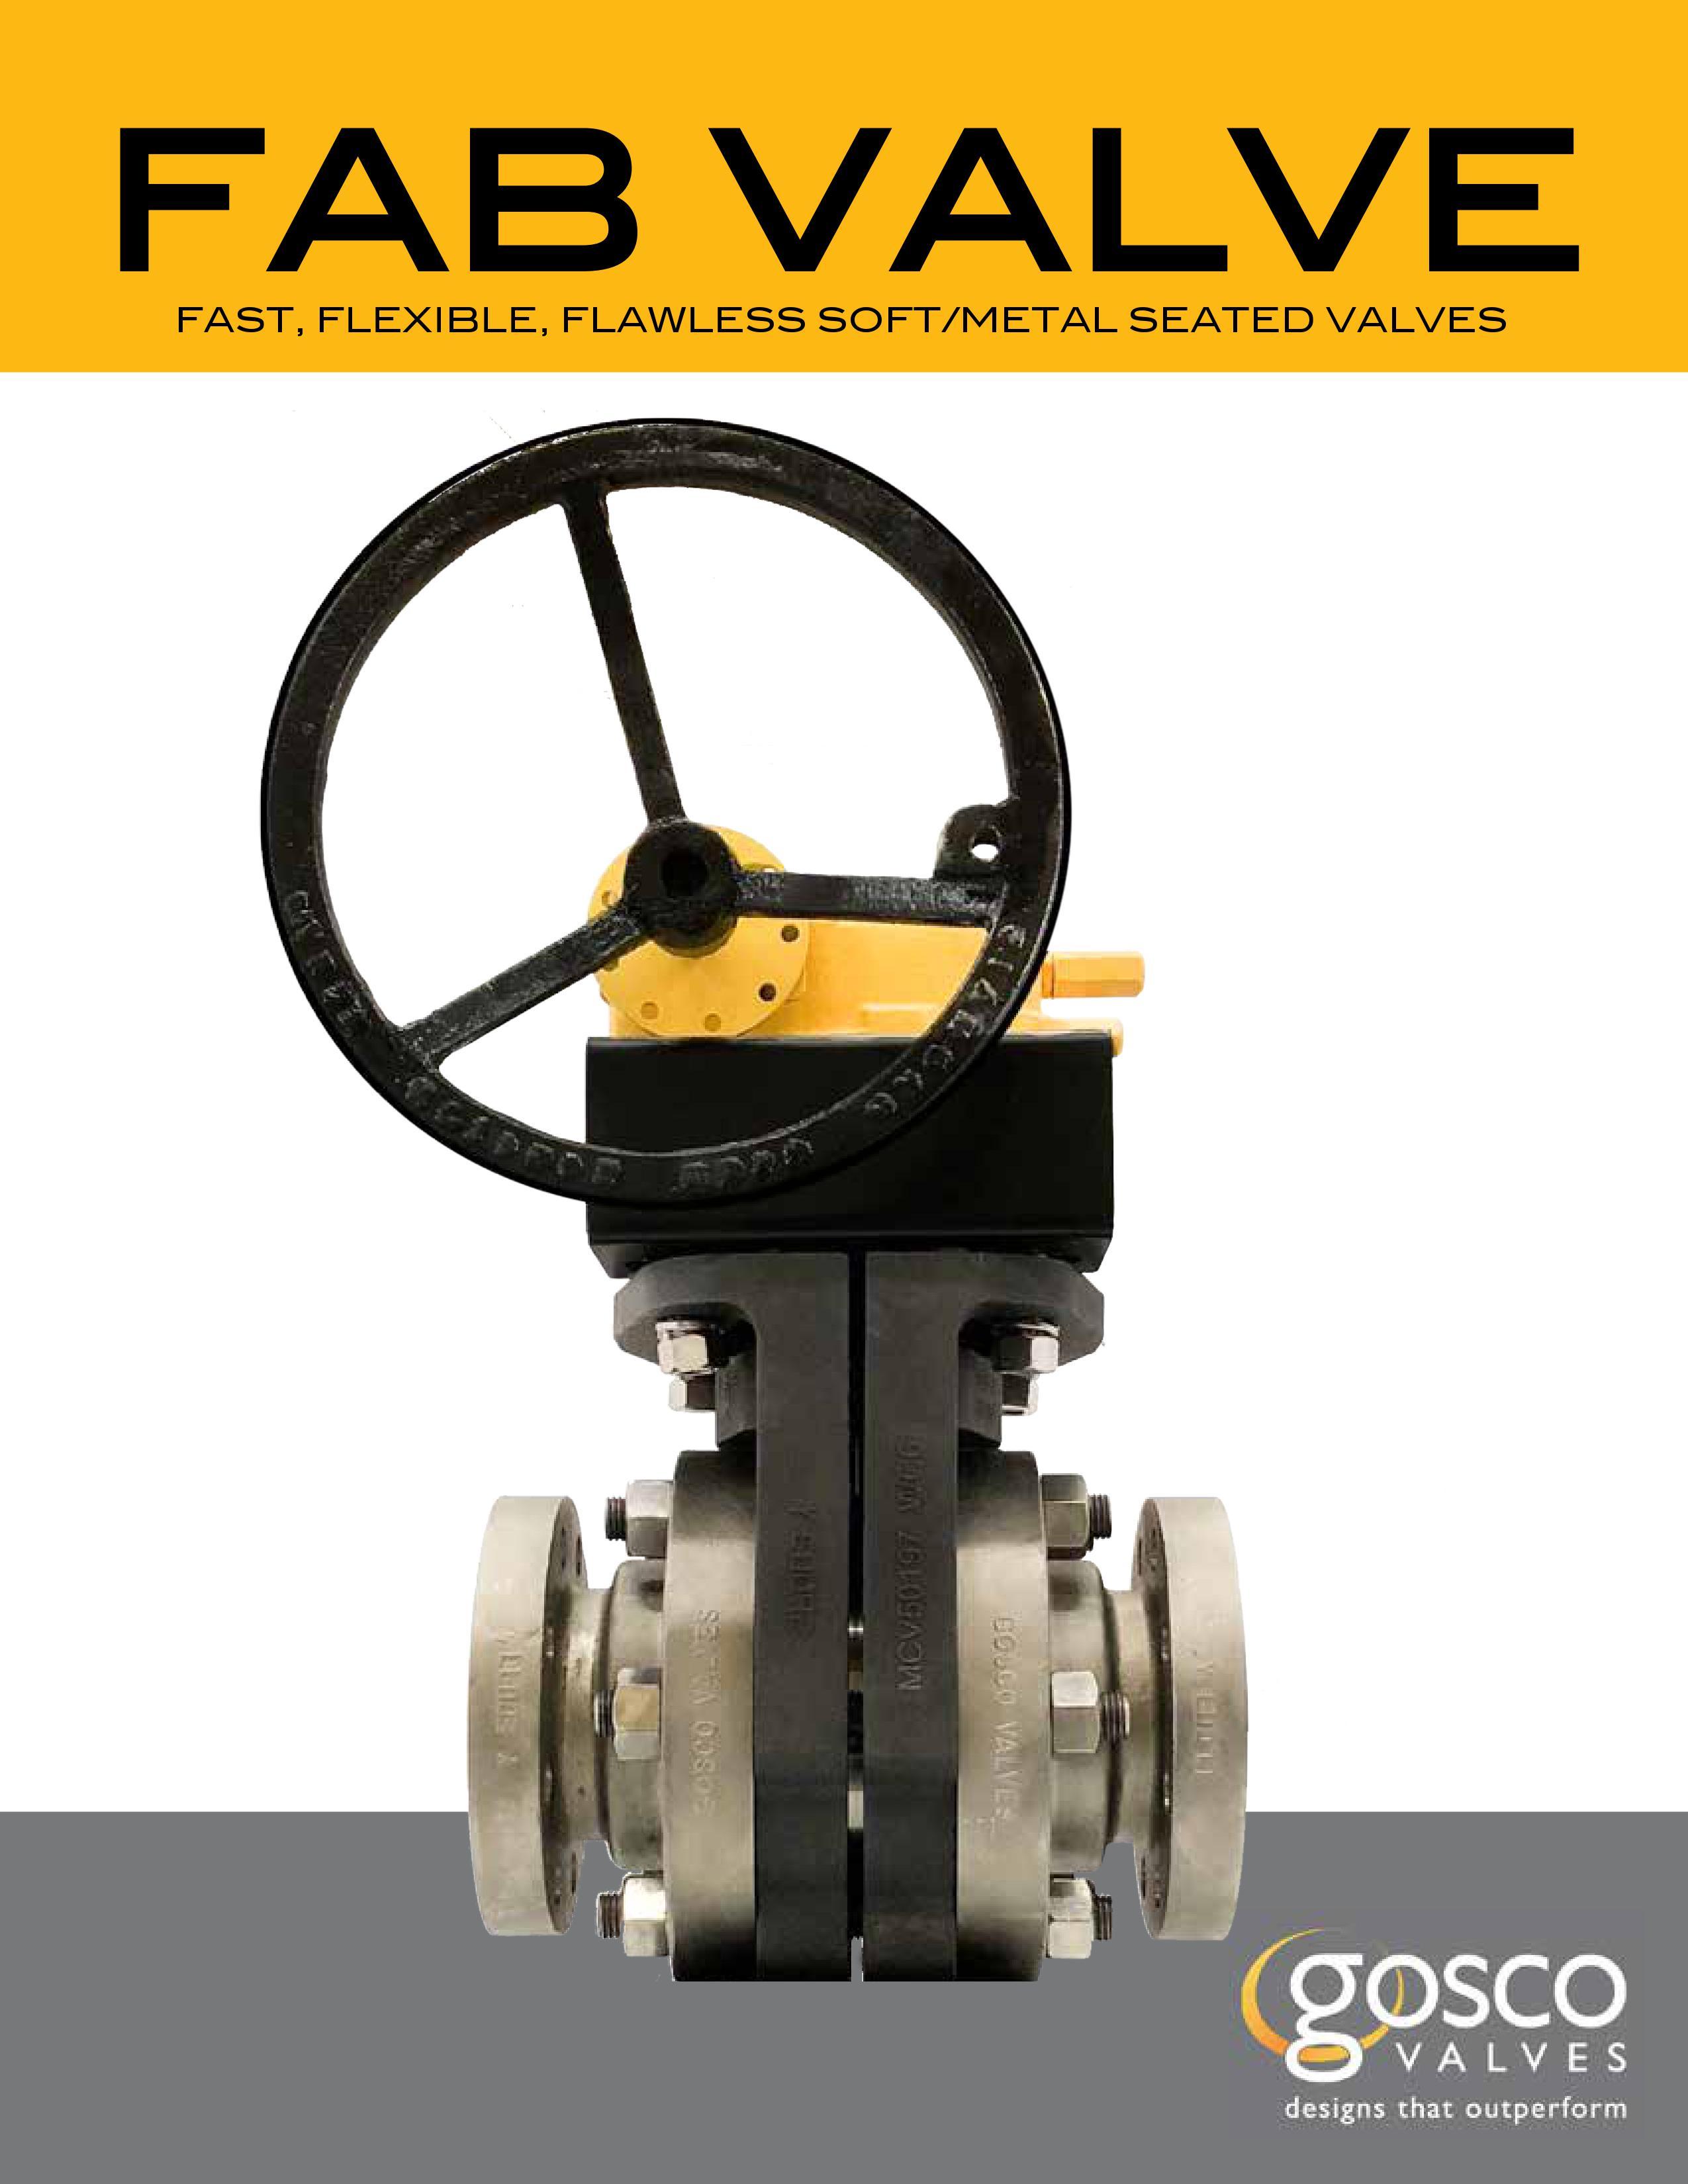 fab-valve